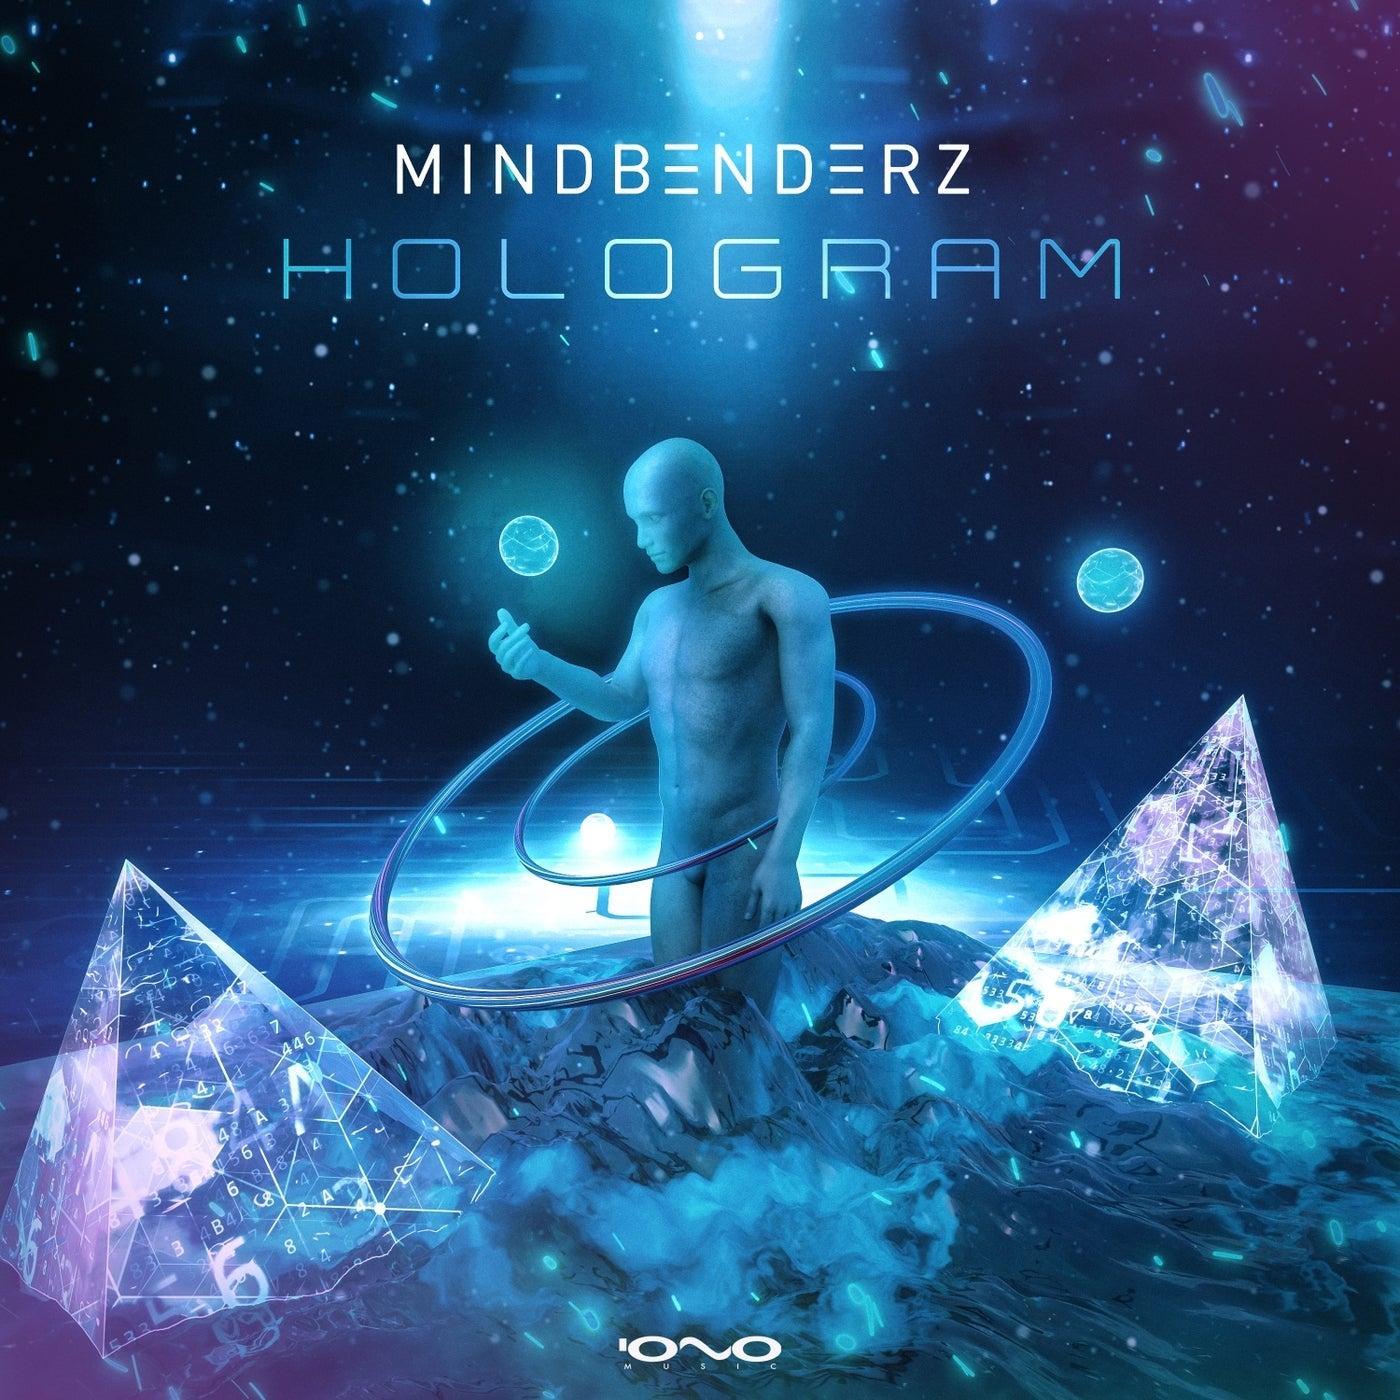 Hologram (Original Mix)